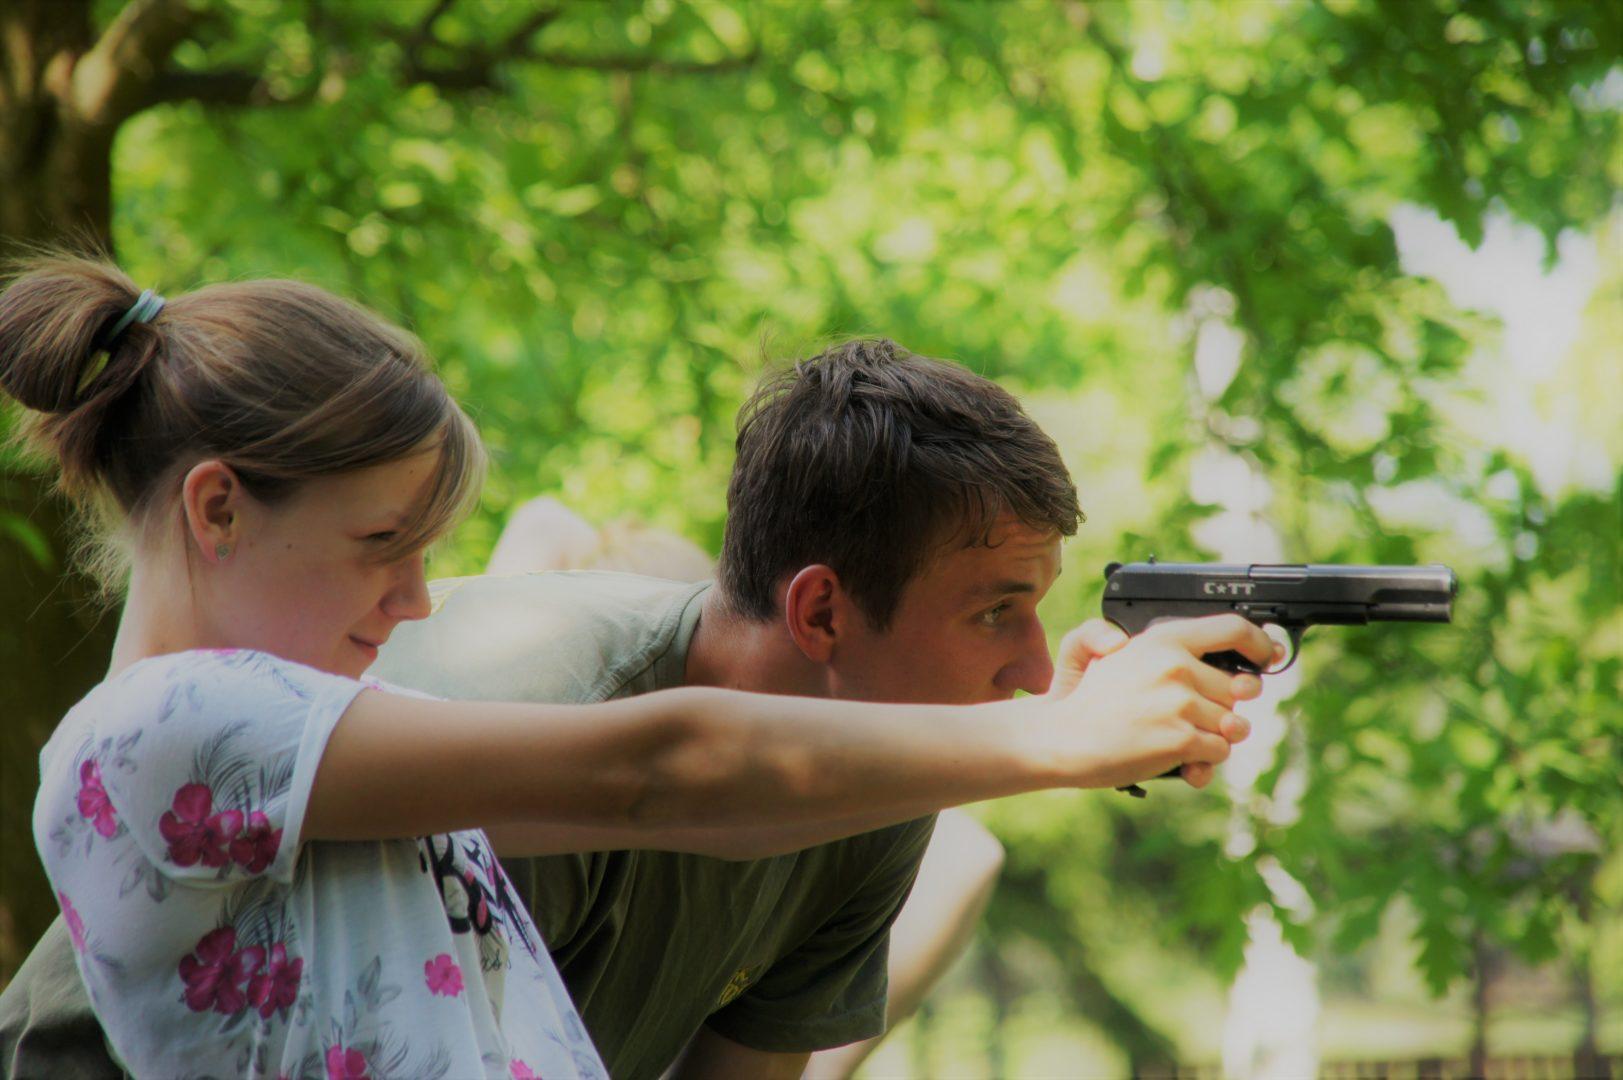 dziewczyna strzela